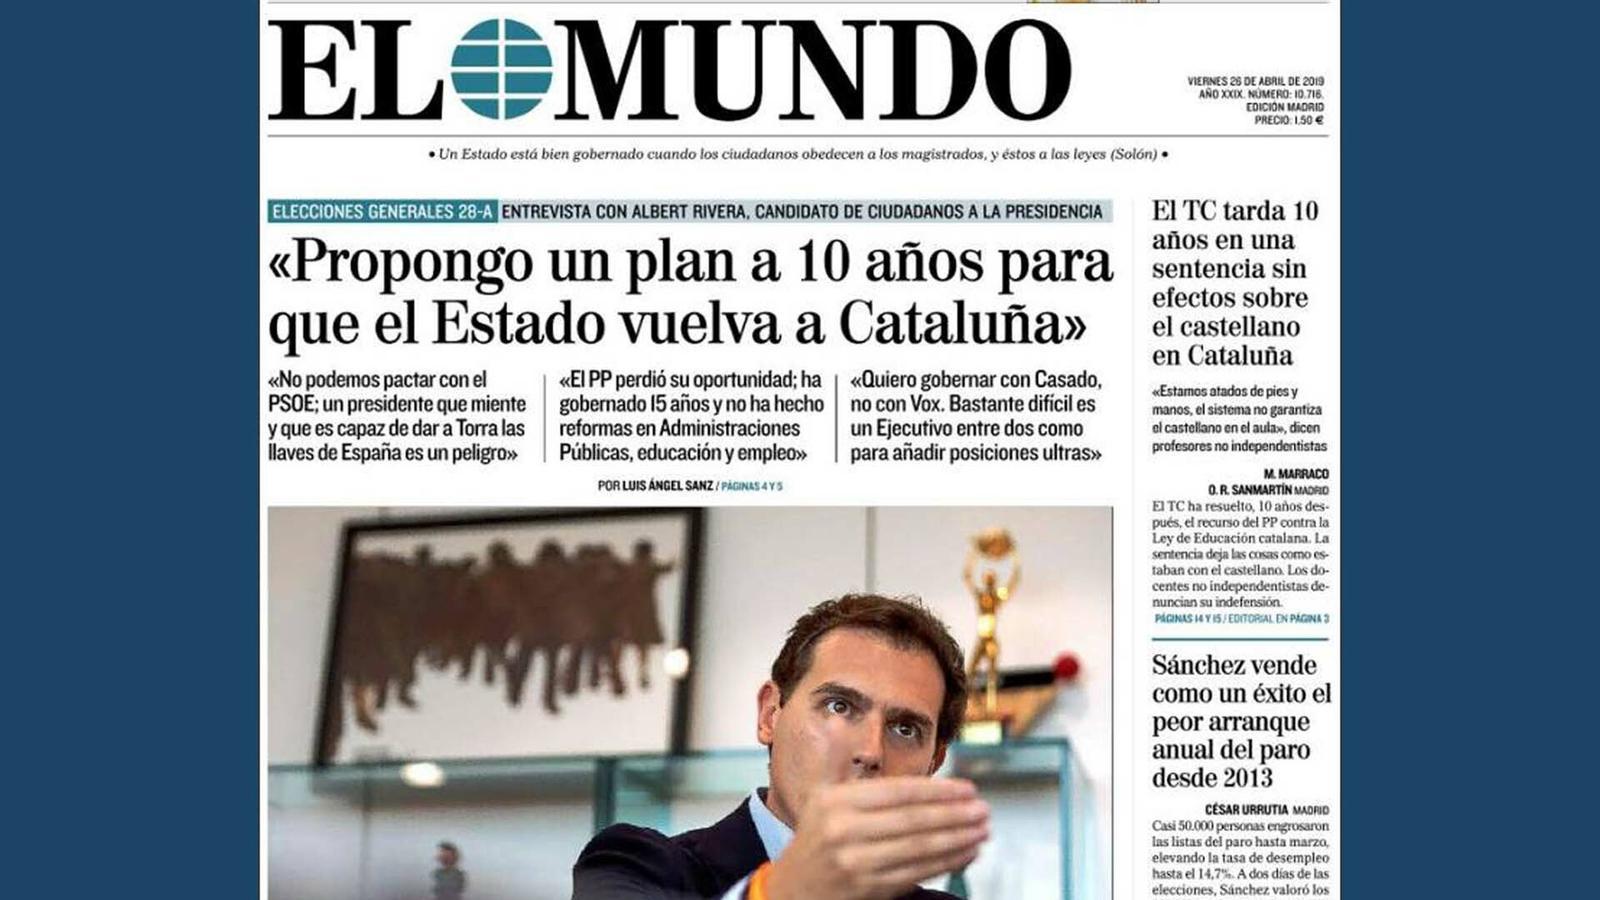 L'anàlisi d'Antoni Bassas: 'Només han sabut parlar de Catalunya'